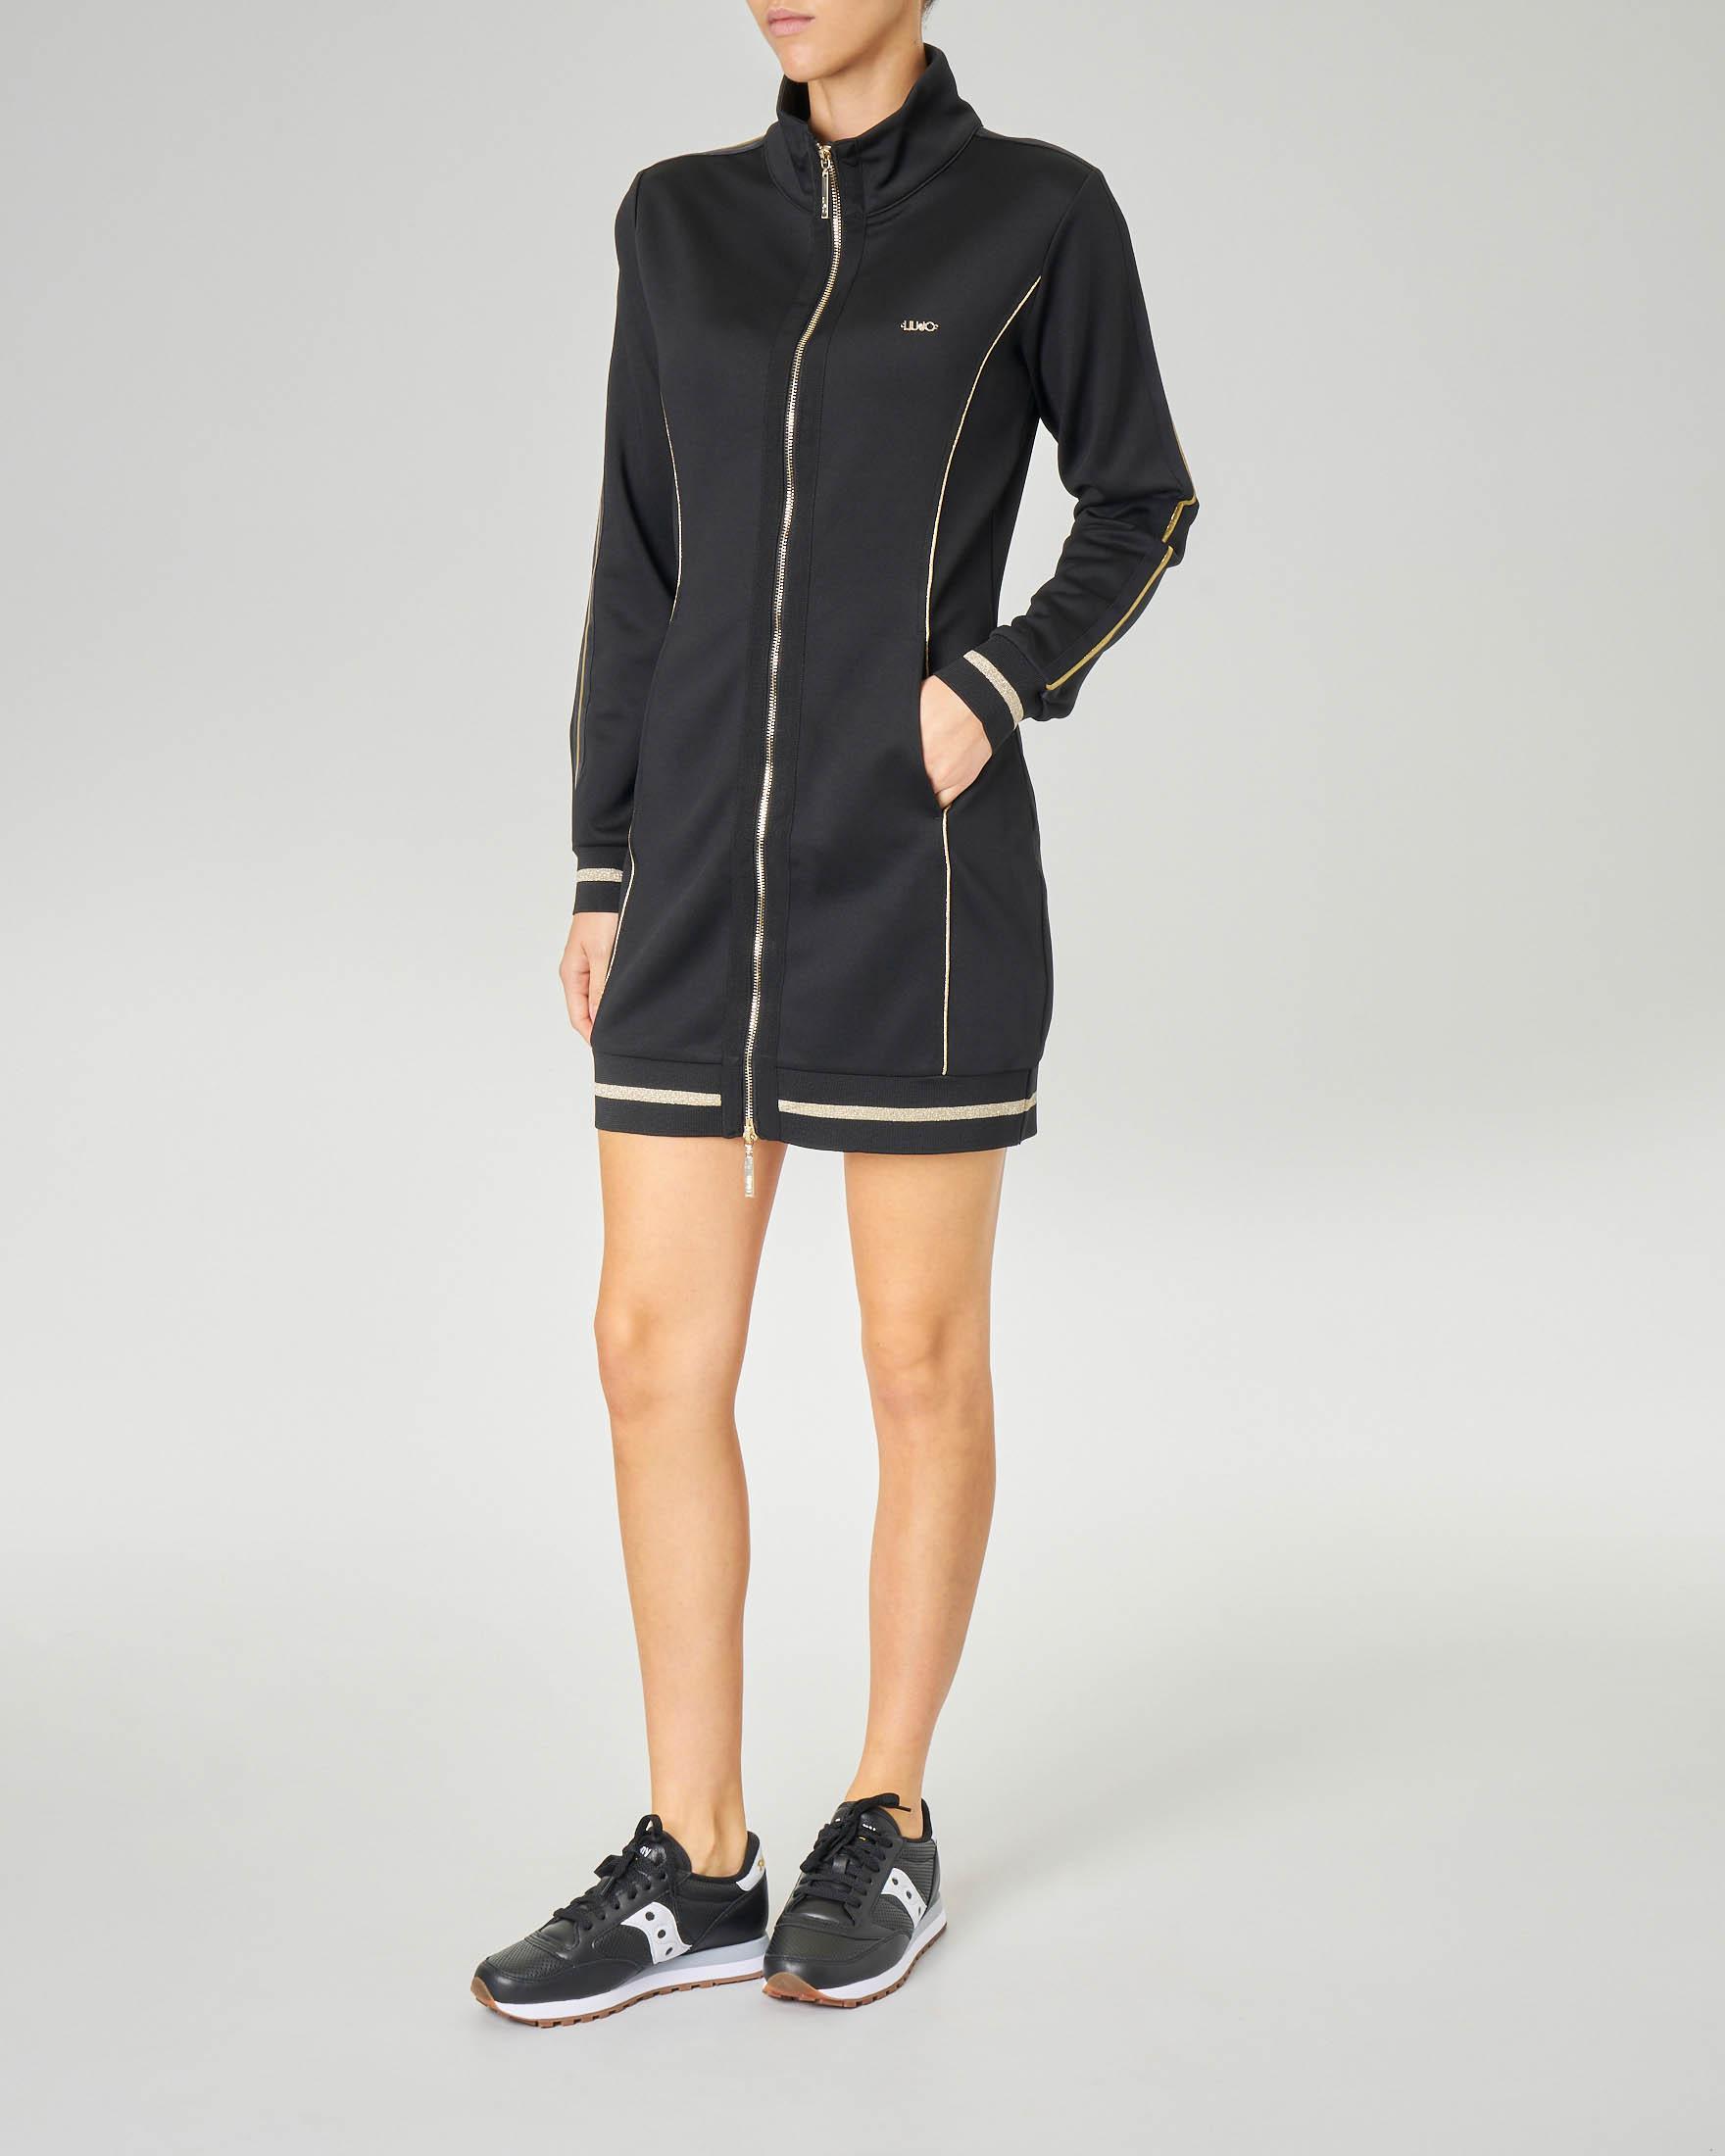 Maxi felpa abito nera con chiusura a cerniera e dettagli in lurex oro